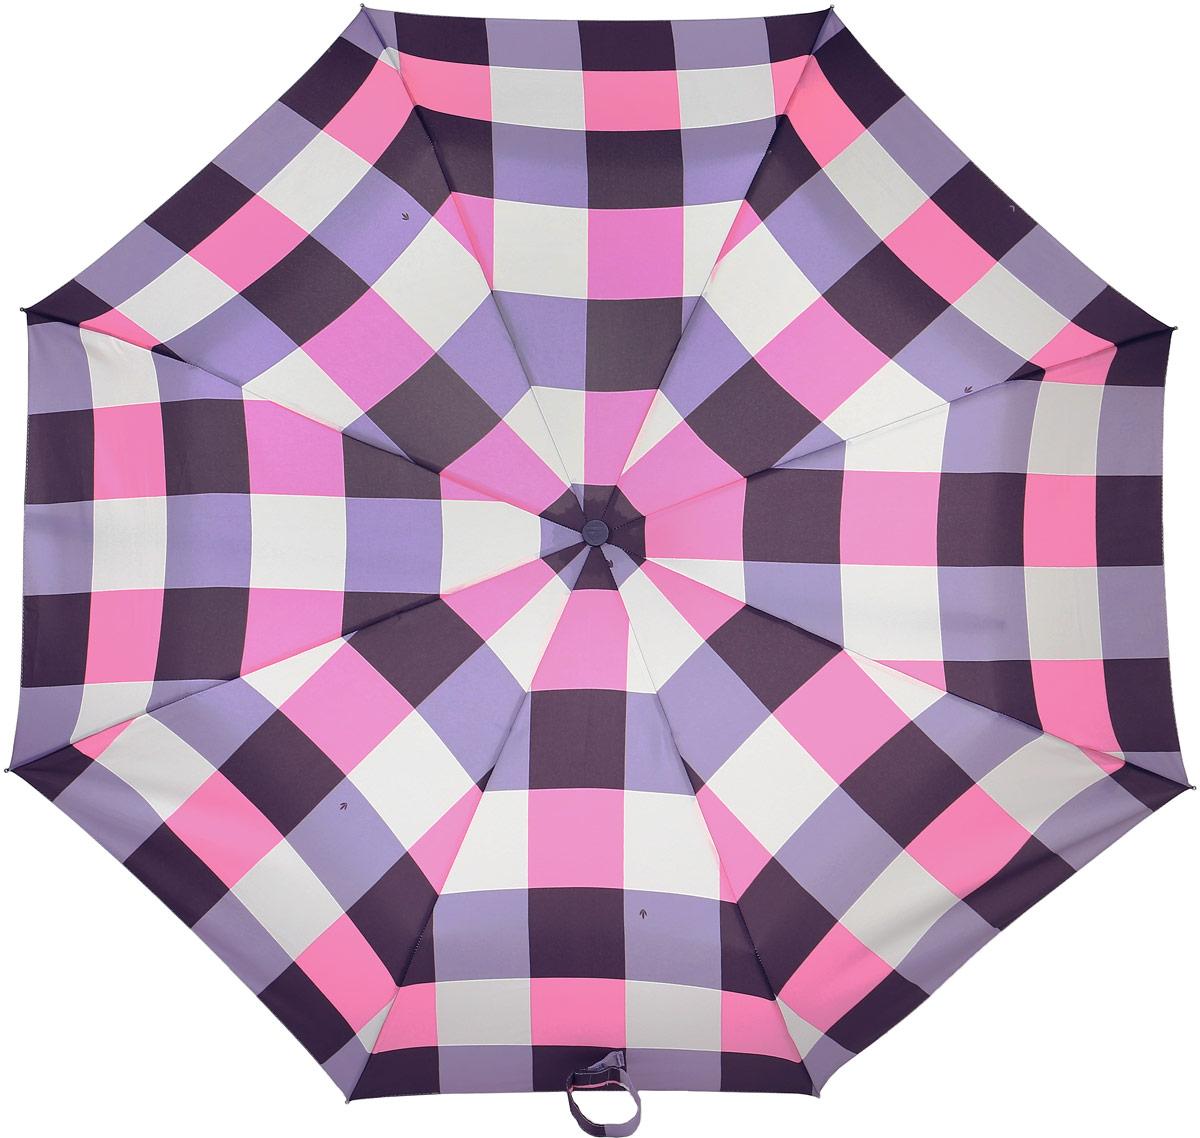 Зонт женский Fulton, механический, 3 сложения, цвет: розовый, бордовый. L354-3379L354-3379 OversizeCheckСтильный механический зонт Fulton имеет 3 сложения, даже в ненастную погоду позволит вам оставаться стильной. Легкий, но в тоже время прочный алюминиевый каркас состоит из восьми спиц с элементами из фибергласса. Купол зонта выполнен из прочного полиэстера с водоотталкивающей пропиткой. Рукоятка закругленной формы, разработанная с учетом требований эргономики, выполнена из каучука. Зонт имеет механический способ сложения: и купол, и стержень открываются и закрываются вручную до характерного щелчка.